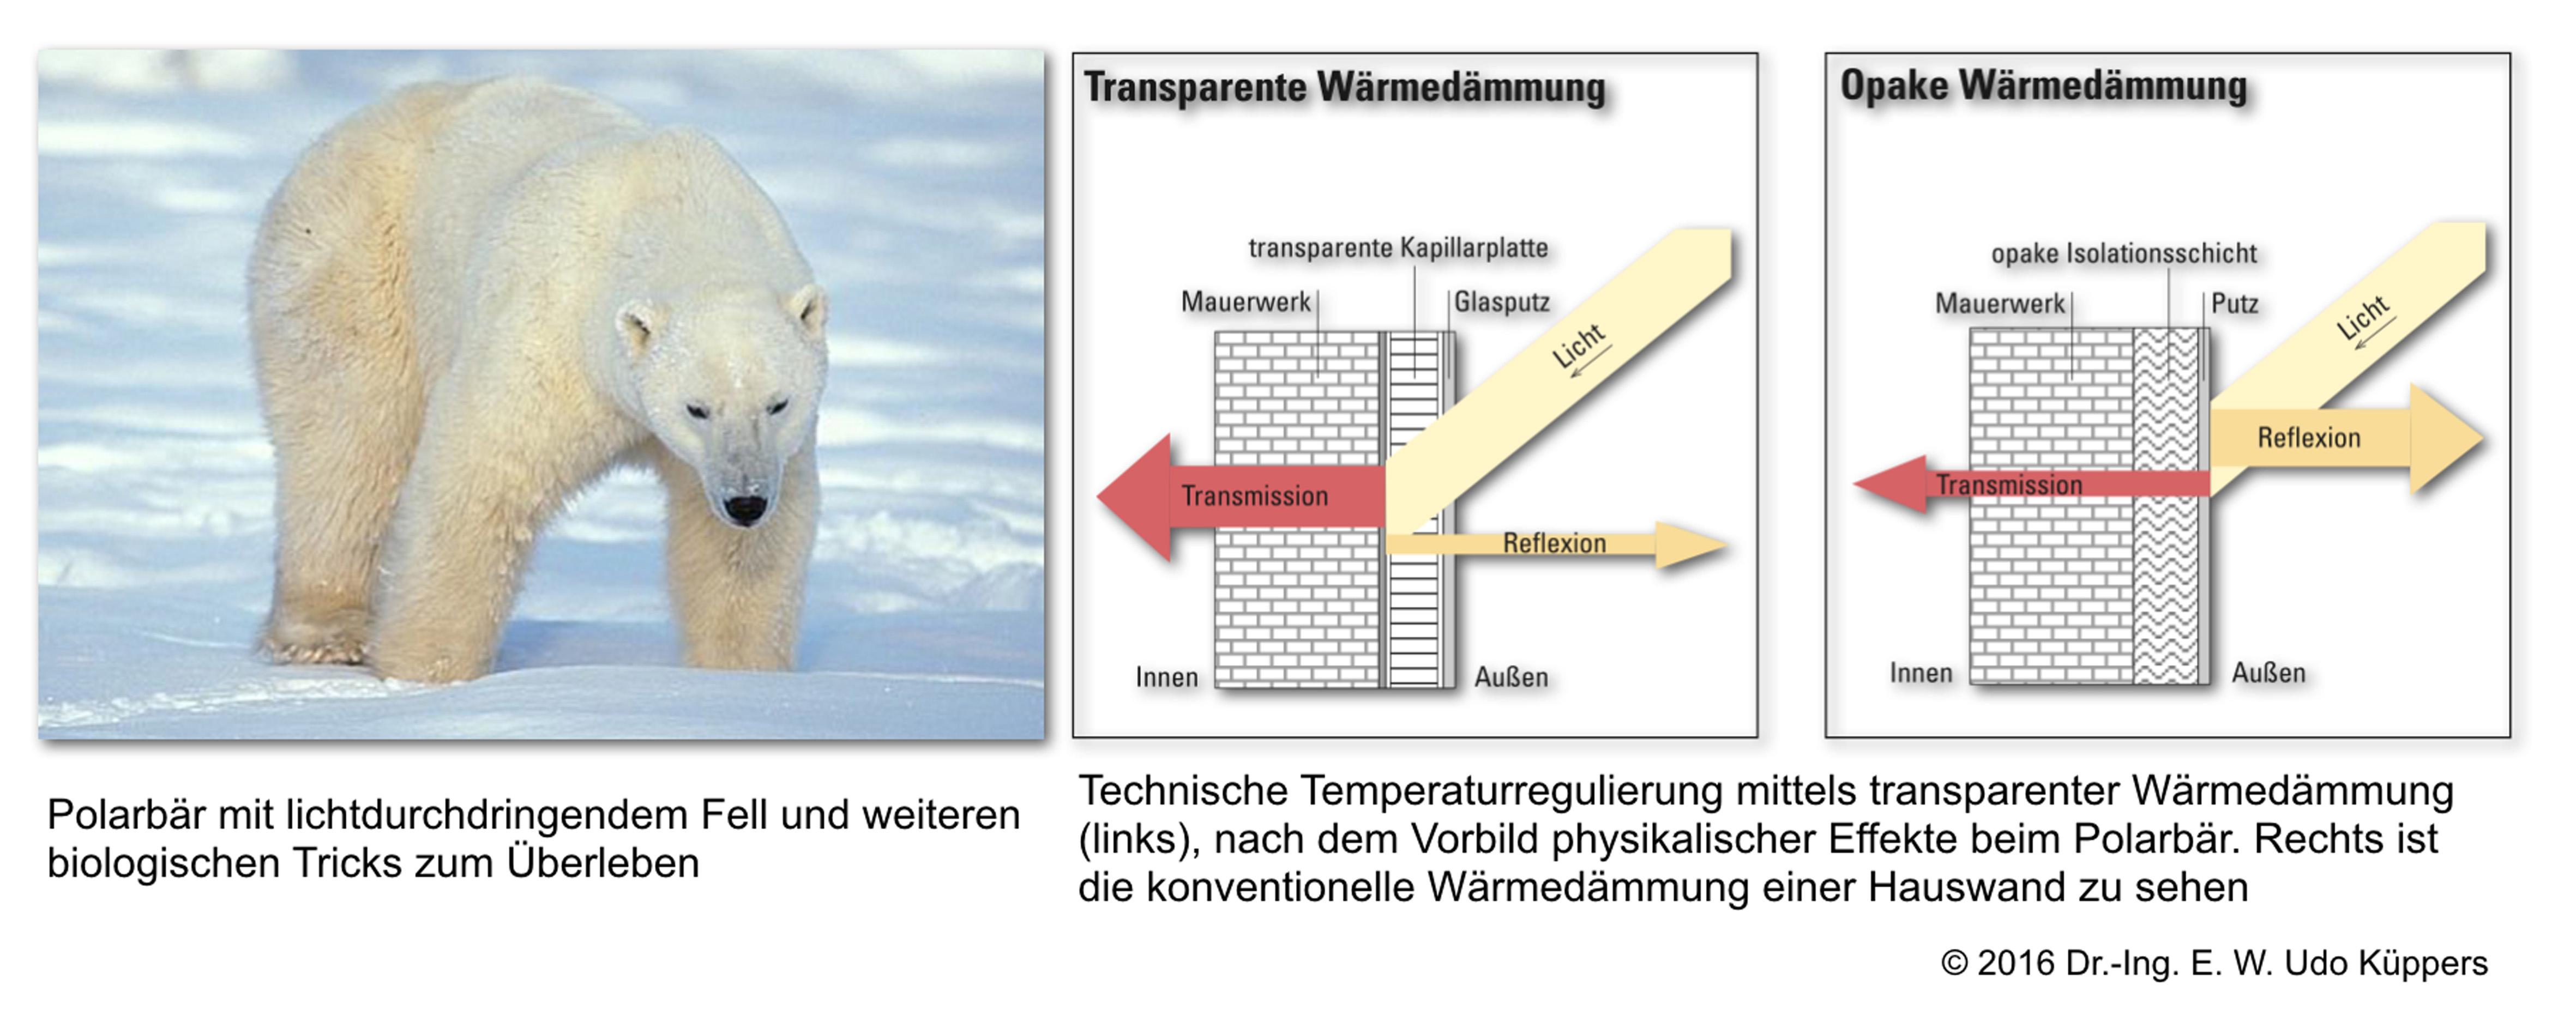 Abbildung 4: Multifunktionsfell des Polarbärs gibt funktionale Hinweise auf intelligente technische Hausdämmung